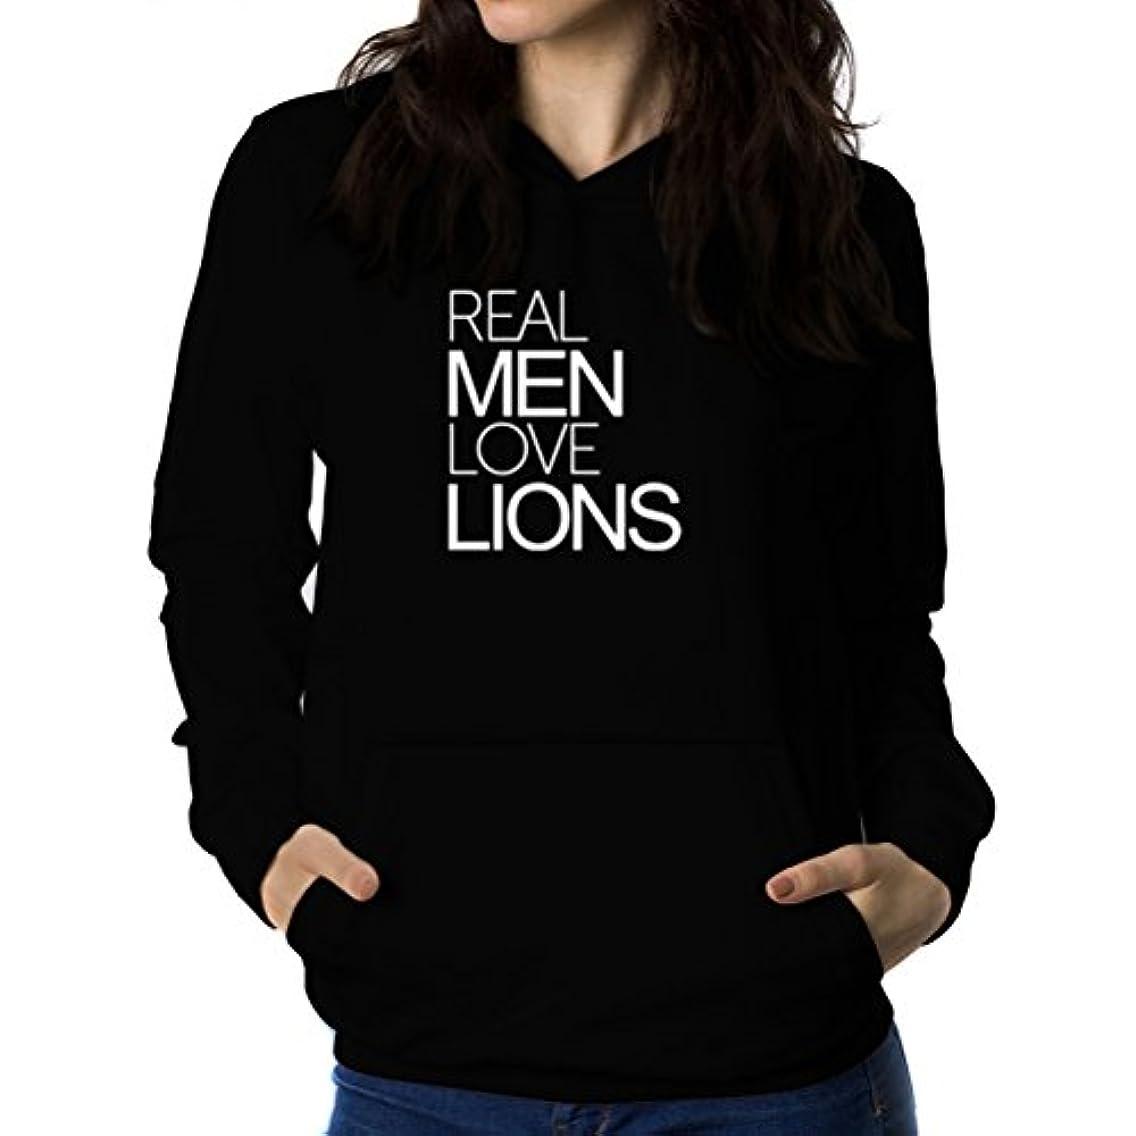 チキンステップ楽観的Real men love Lion 女性 フーディー